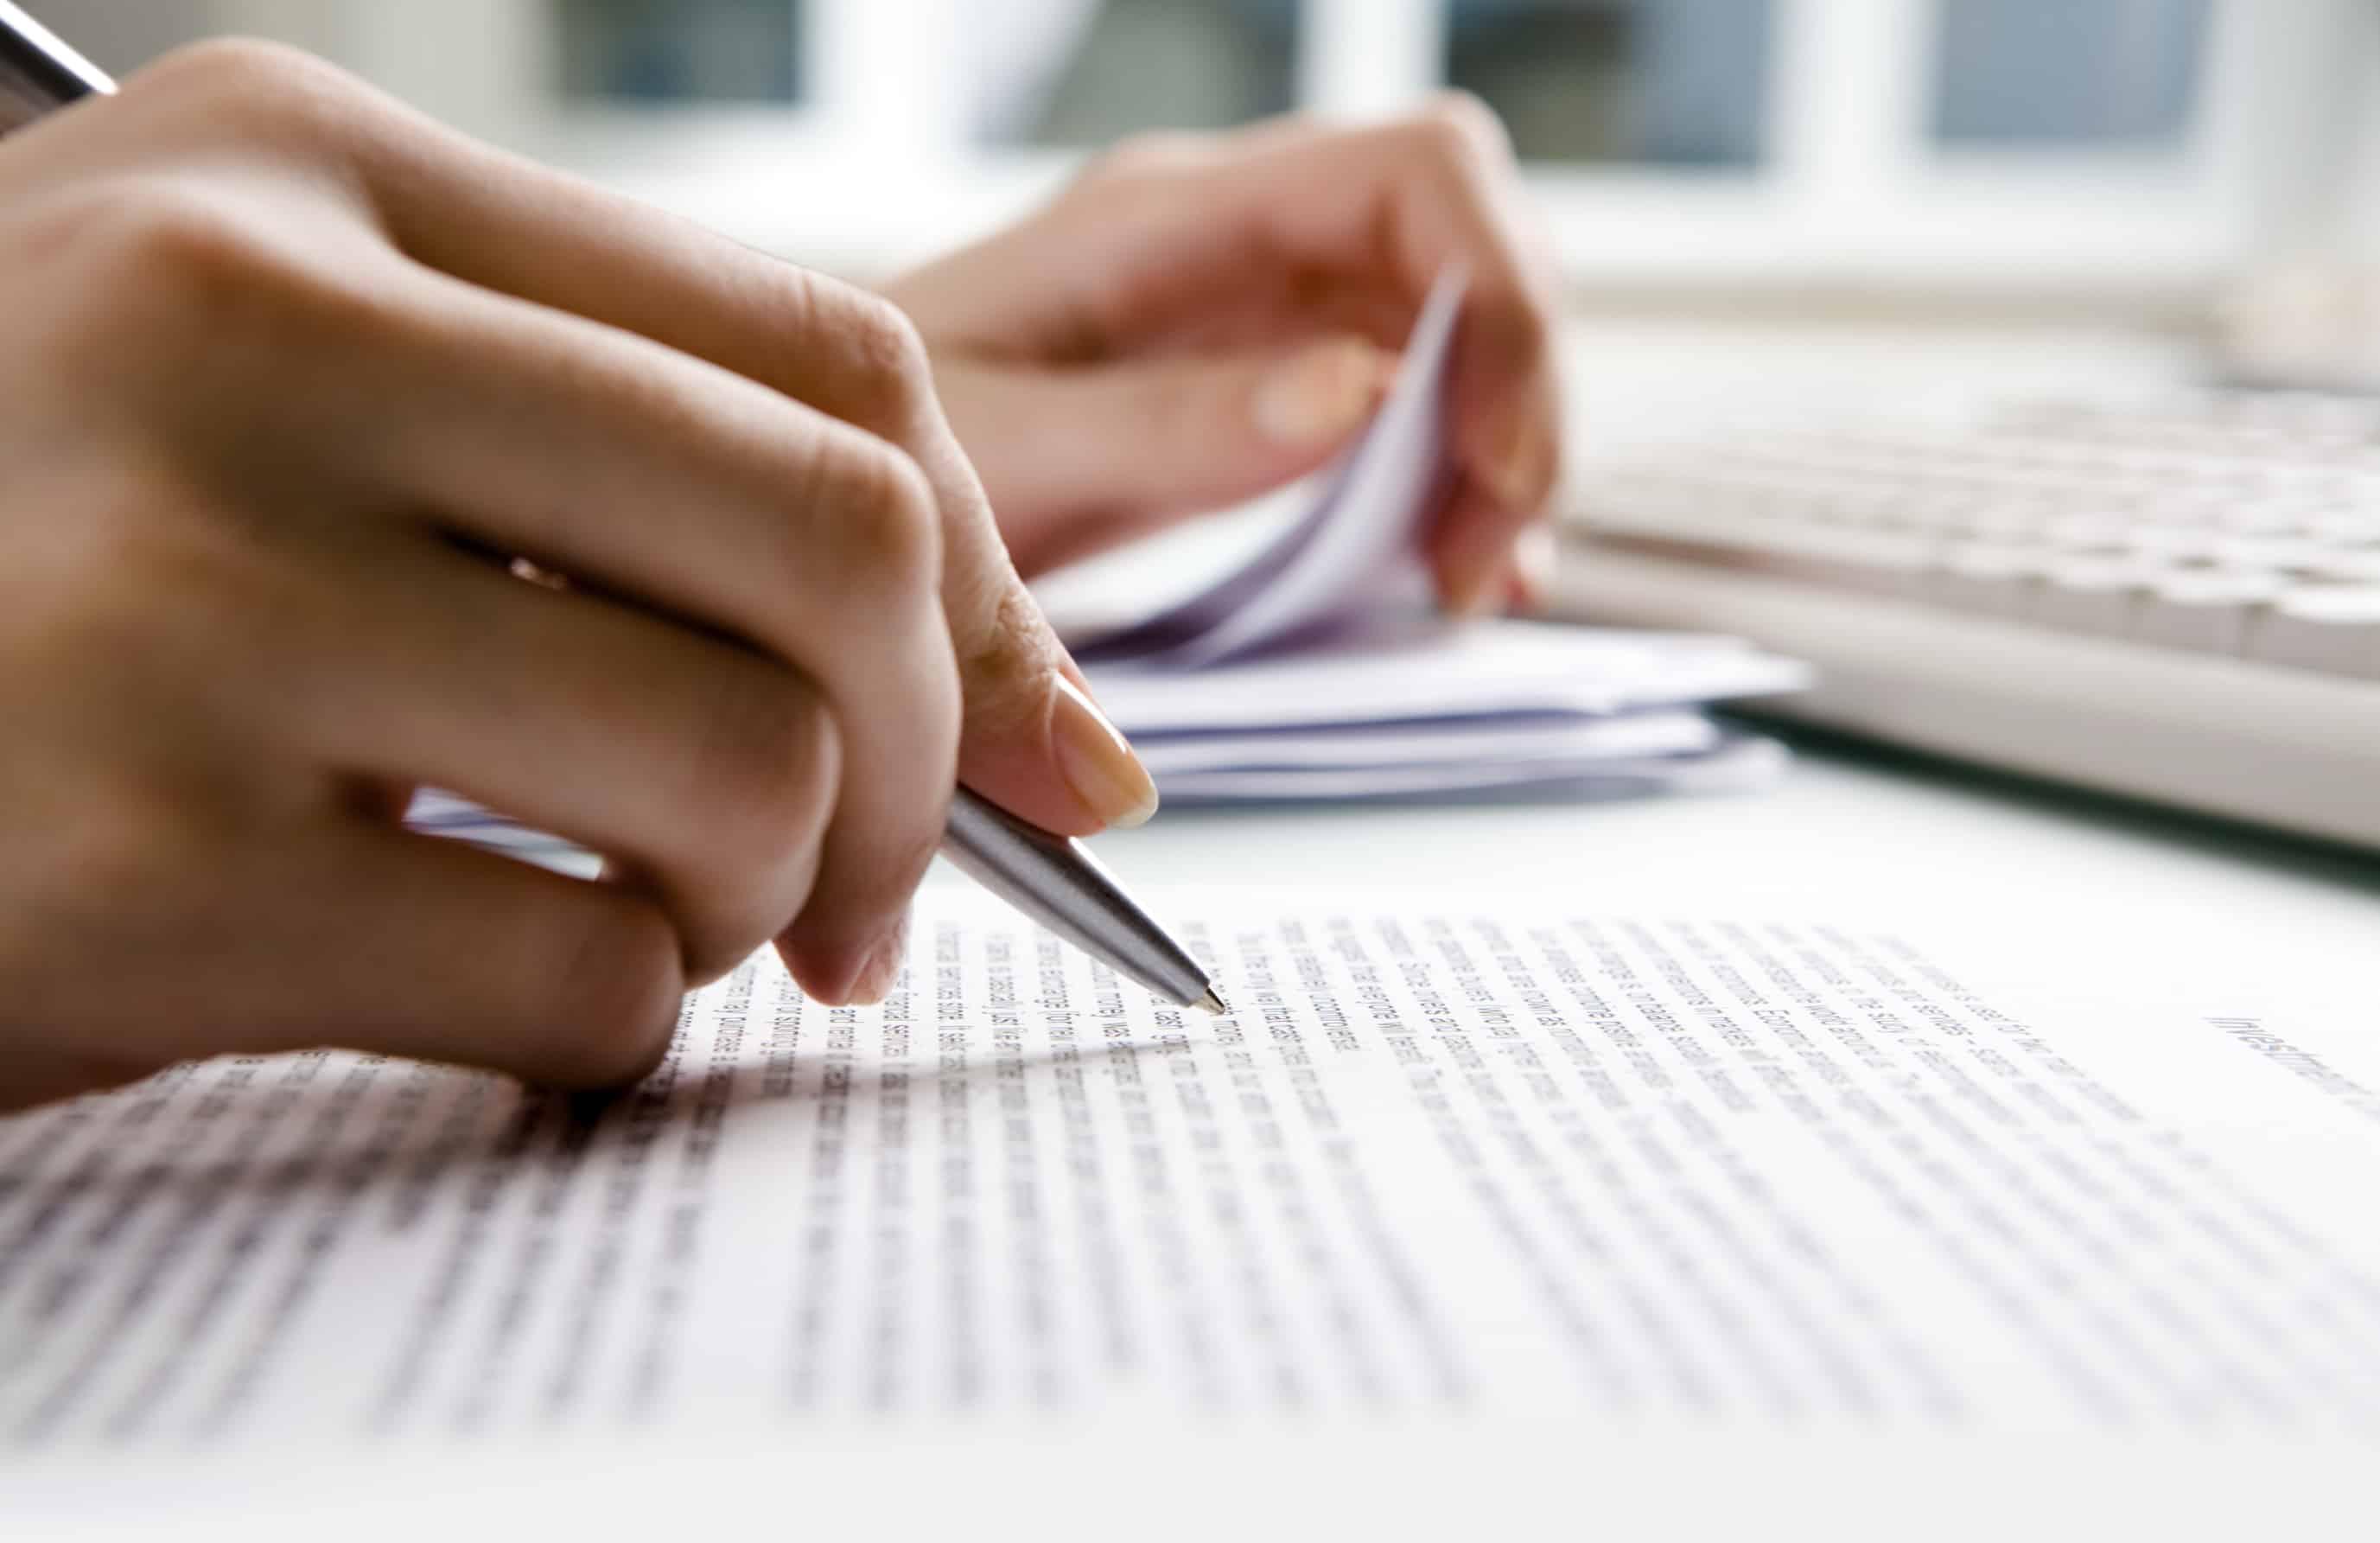 Nuevos modelos de contrato de encomienda, adhesión al contrato de encomienda y desistimiento